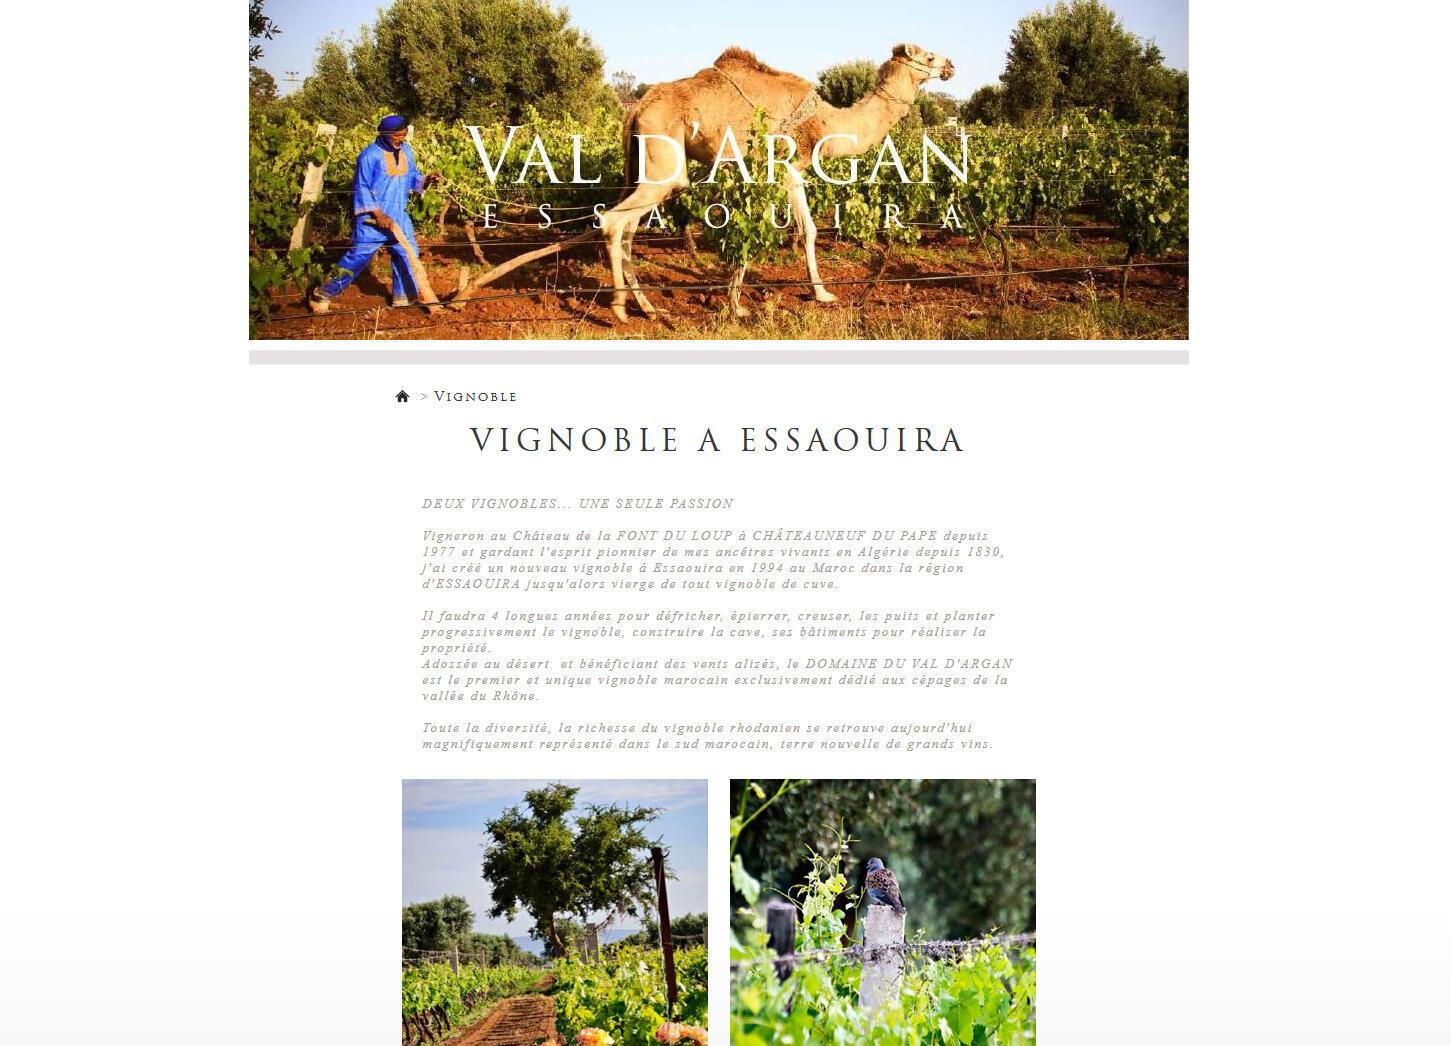 La page d'accueil du site internet du Val d'Argan, plantation viticole d'Essaouira au Maroc.